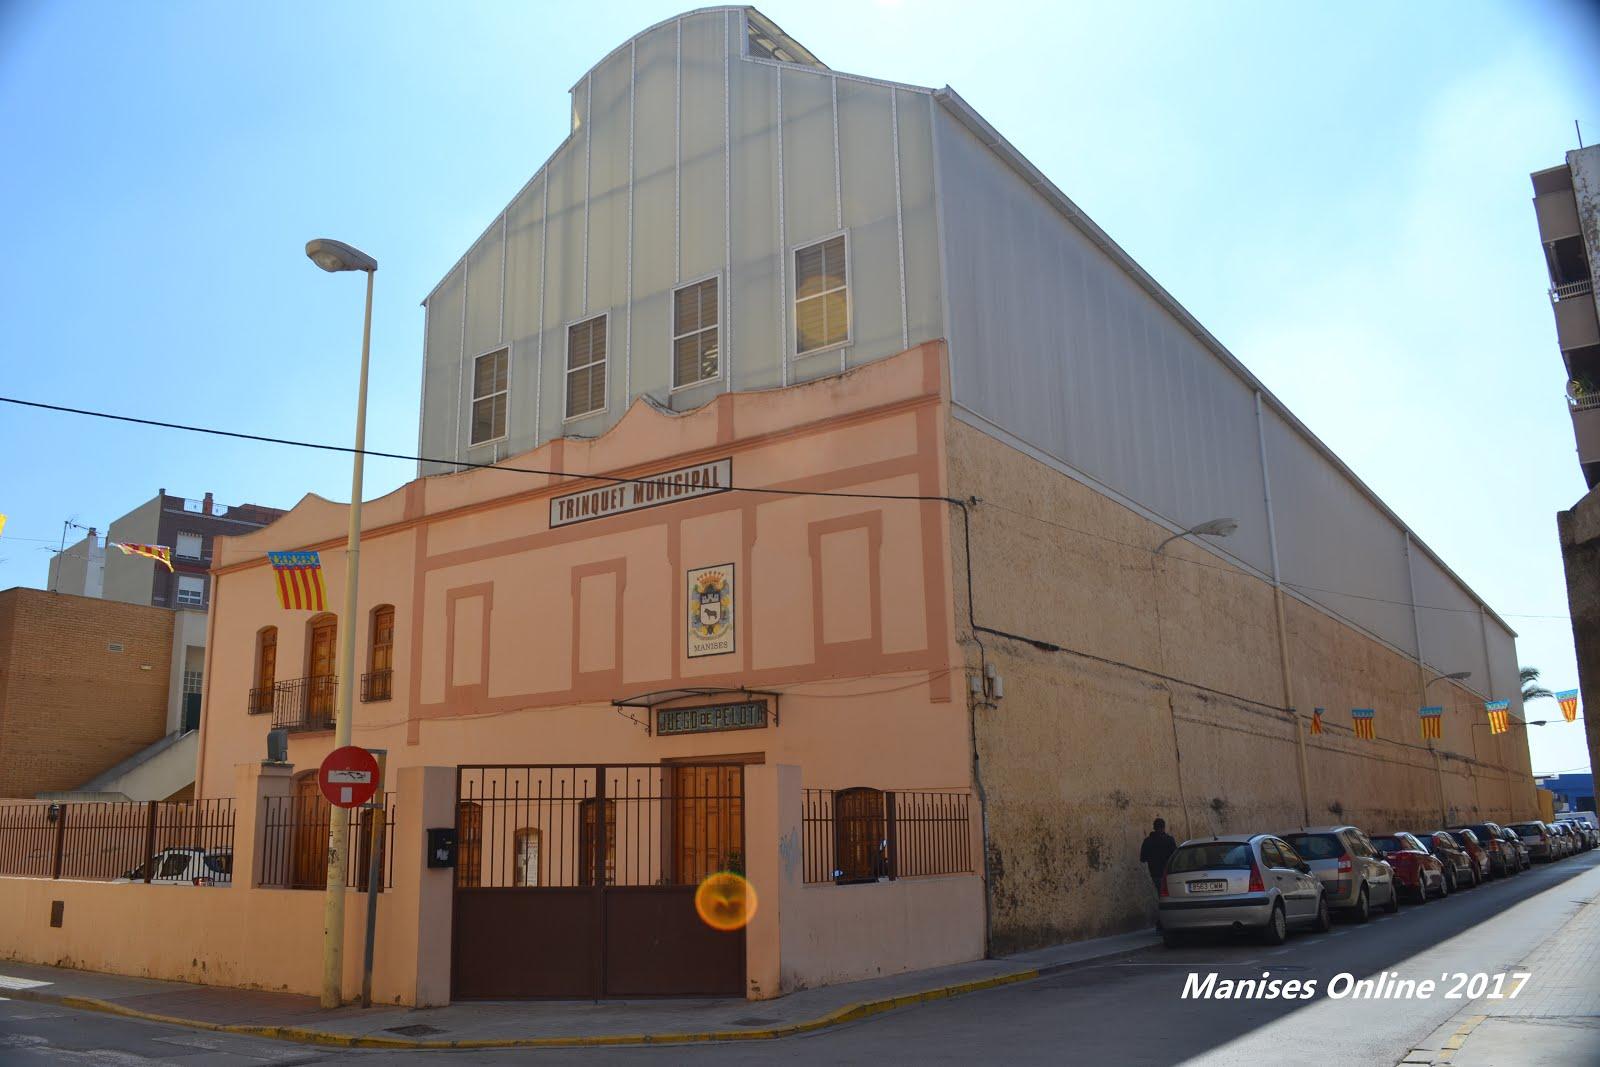 06.10.17 TRINQUET MUNICIPAL DE MANISES JUAN BLASCO NAVARRO